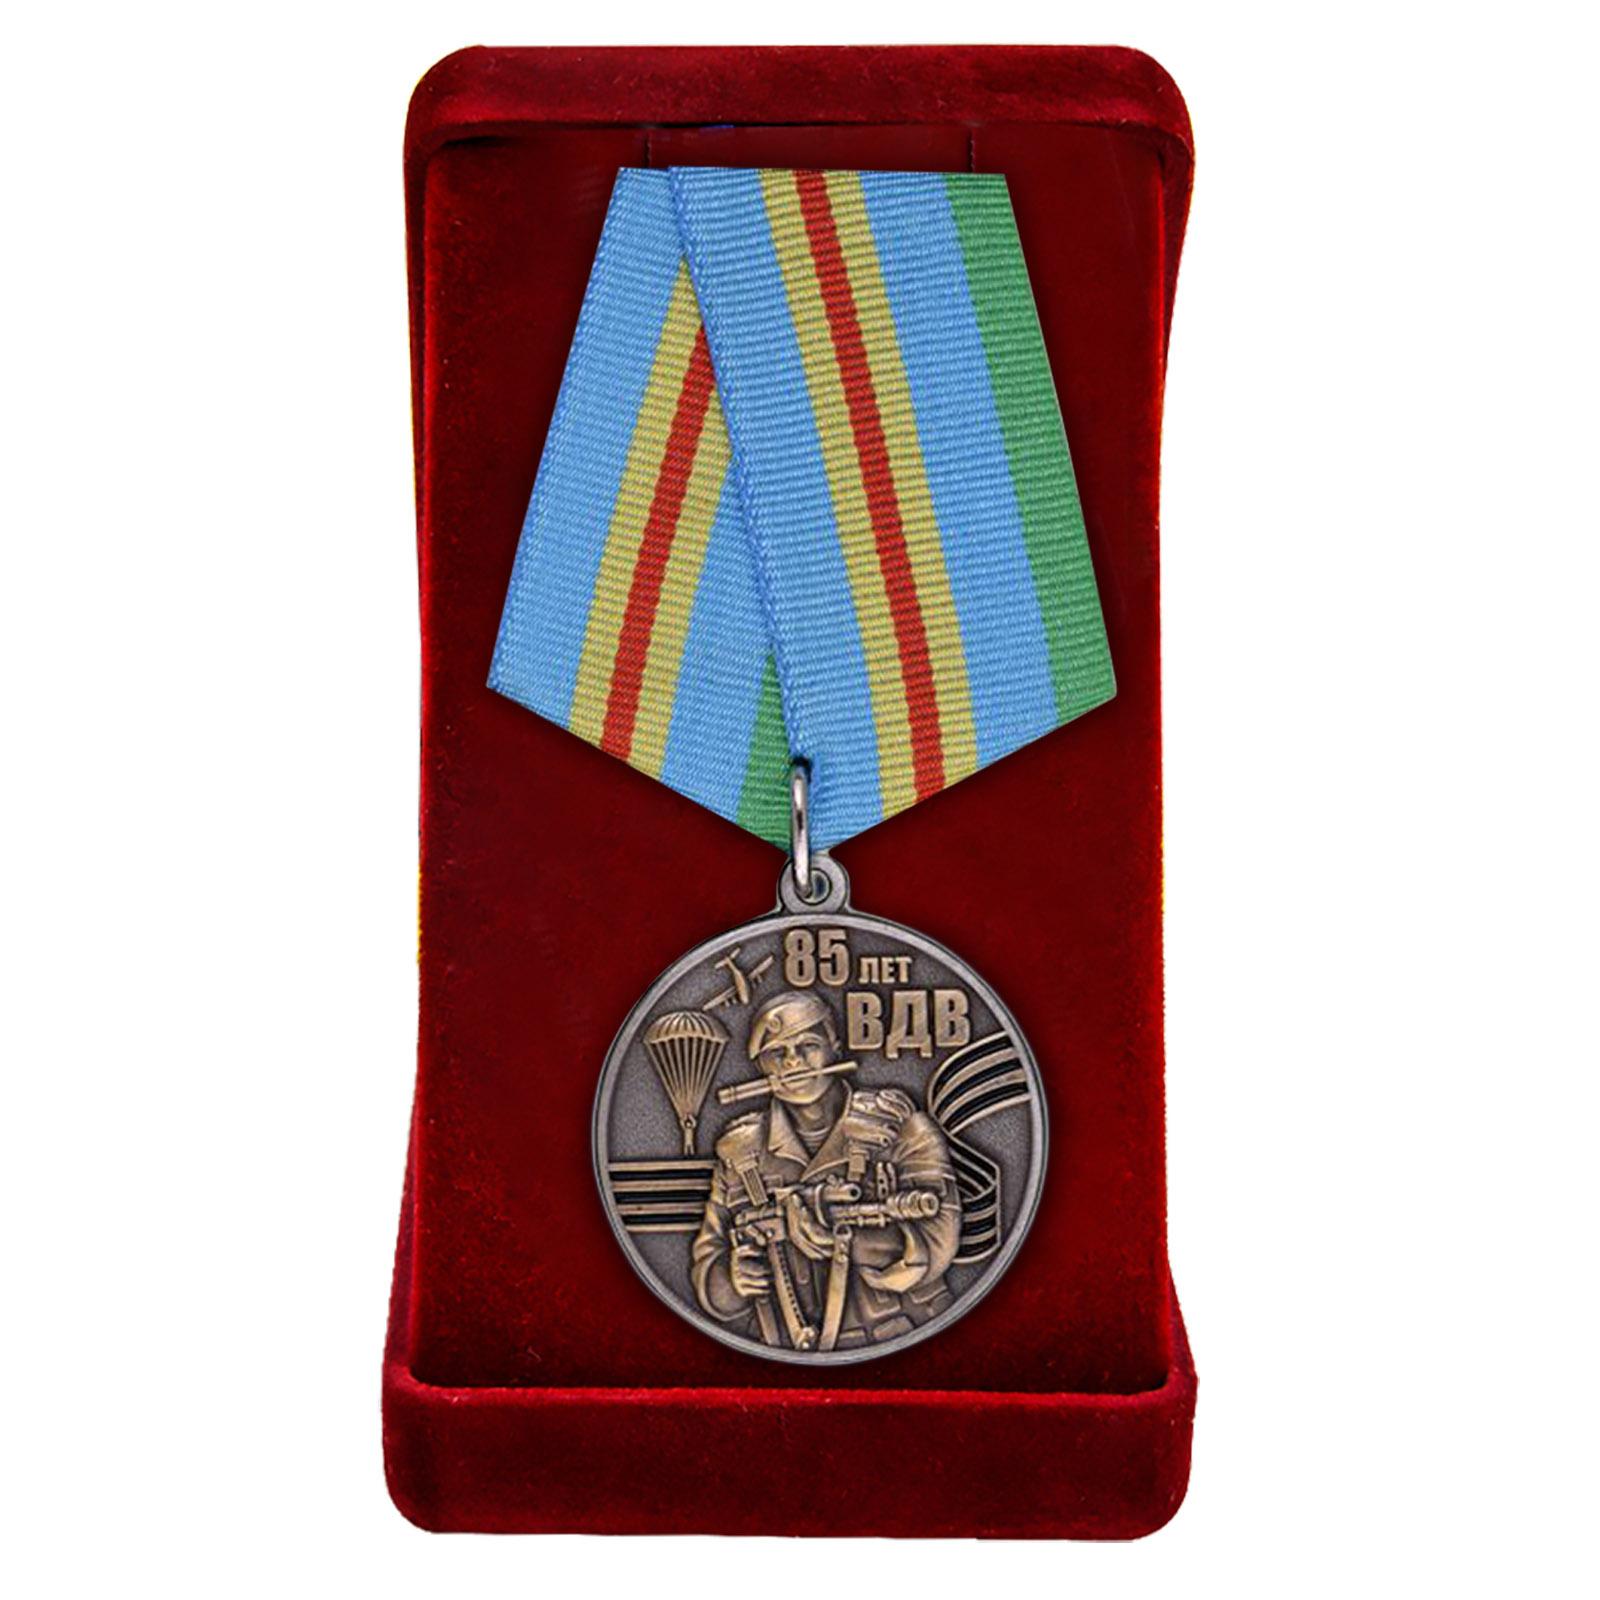 Купить юбилейную медаль ВДВ для лучших представителей воздушного десанта в подарок